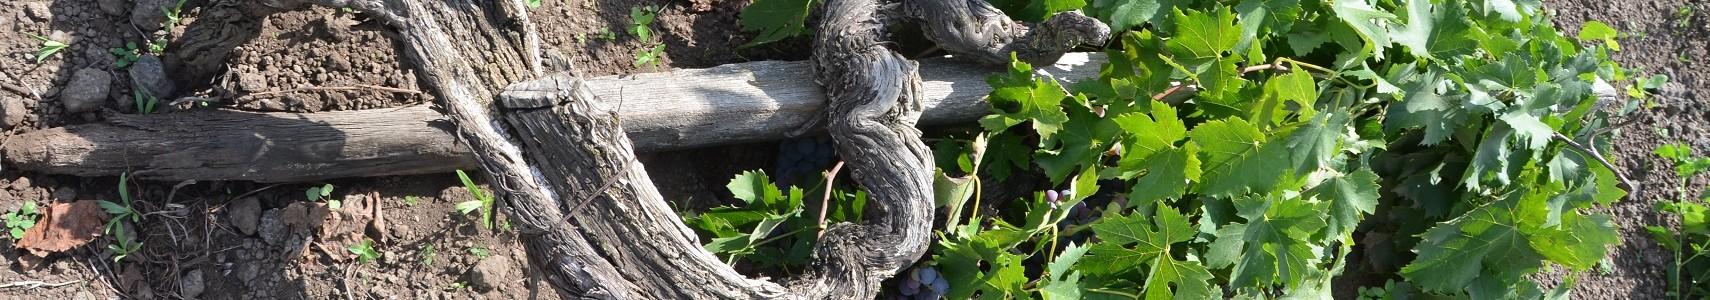 Cavanera Etnea: viti antiche a piede franco, Concettina.